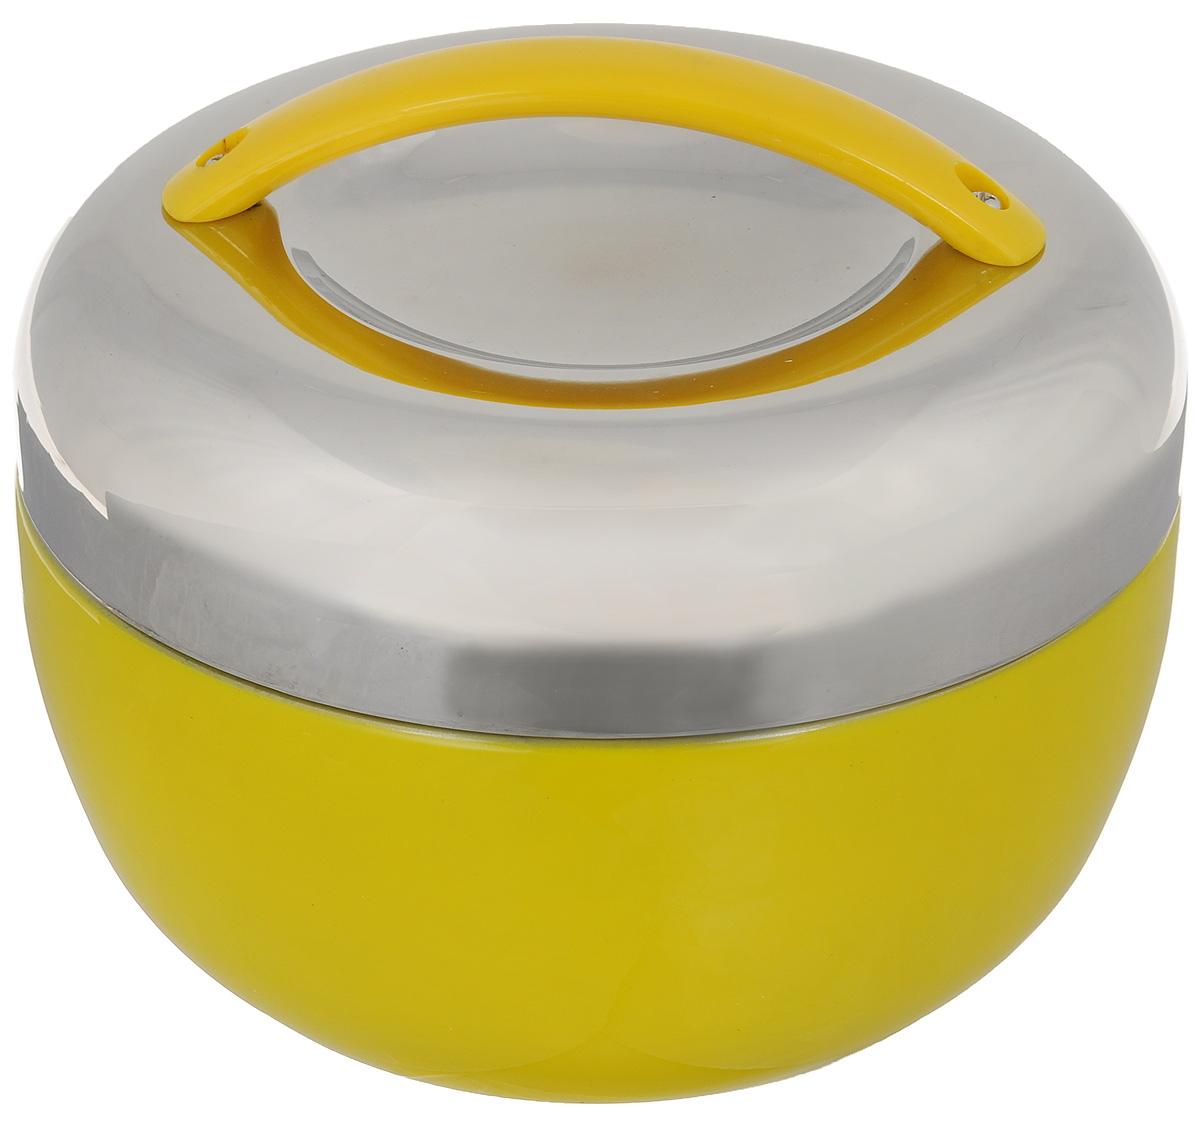 Термос для еды Mayer & Boch, цвет: желтый, стальной, 1,3 лVT-1520(SR)Термос с широким горлом Mayer & Boch выполнен из высококачественной нержавеющей стали. Термос прост в использовании и очень функционален. В комплекте металлическая миска. Термос оснащен пластиковой ручкой для удобной переноски.Легкий и прочный термос Mayer & Boch сохранит вашу еду горячей или холодной надолго.Можно мыть в посудомоечной машине.Сохранение температуры: 4-6 часов.Высота (с учетом крышки): 13 см.Диаметр по верхнему краю: 16,5 см.Диаметр дна: 11 см.Размер контейнера: 15,5 х 15,5 х 2,5 см.